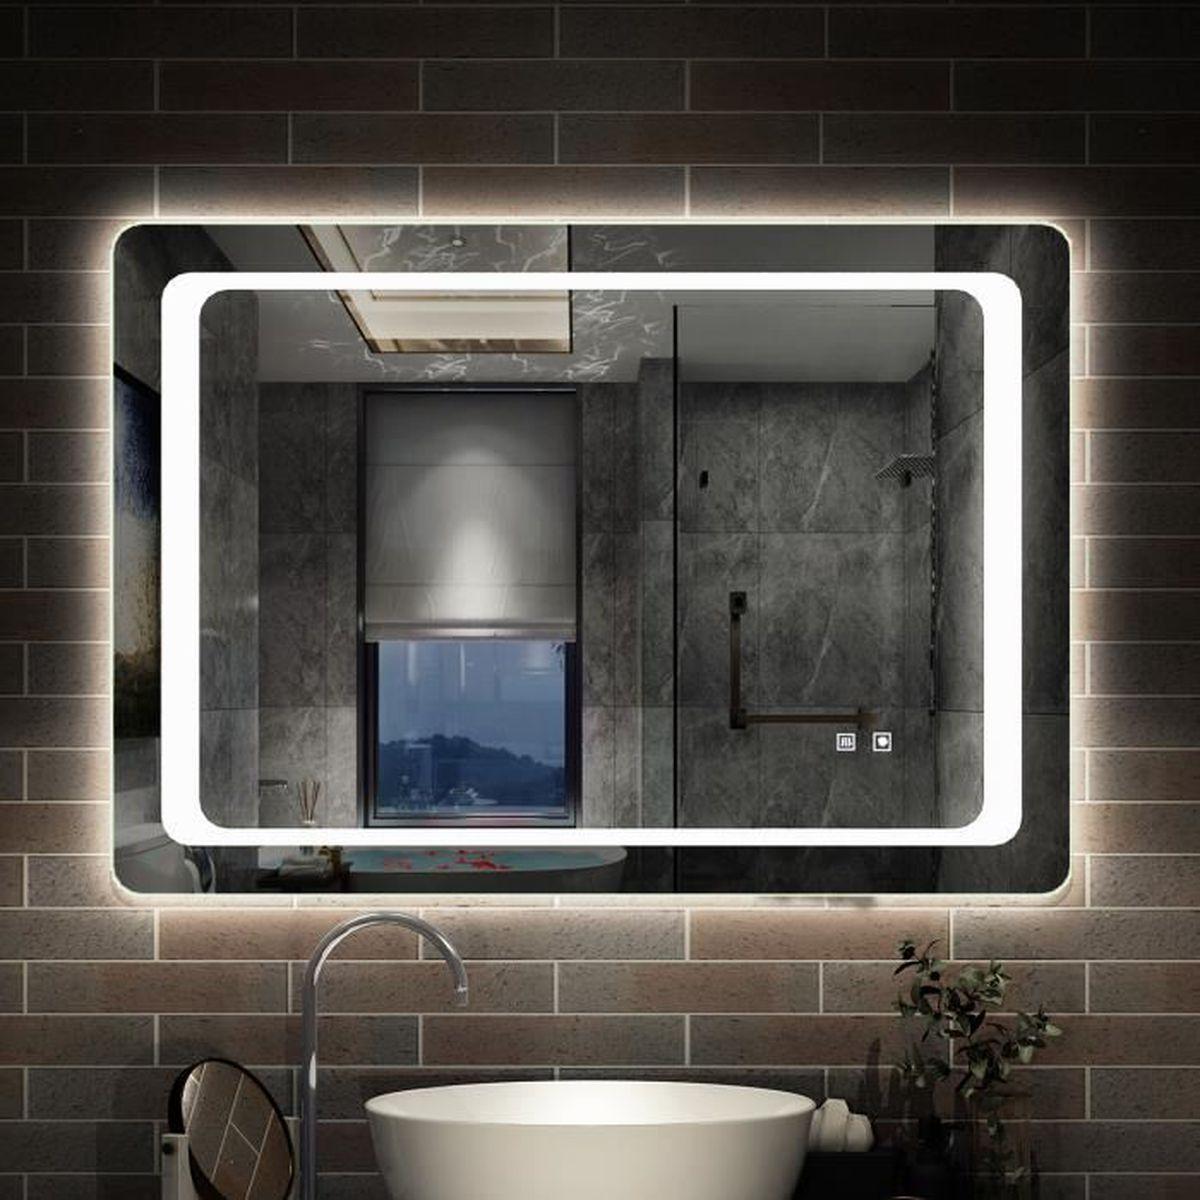 Miroir de salle de bain anti-buée 20x20cm miroir de salle de bain